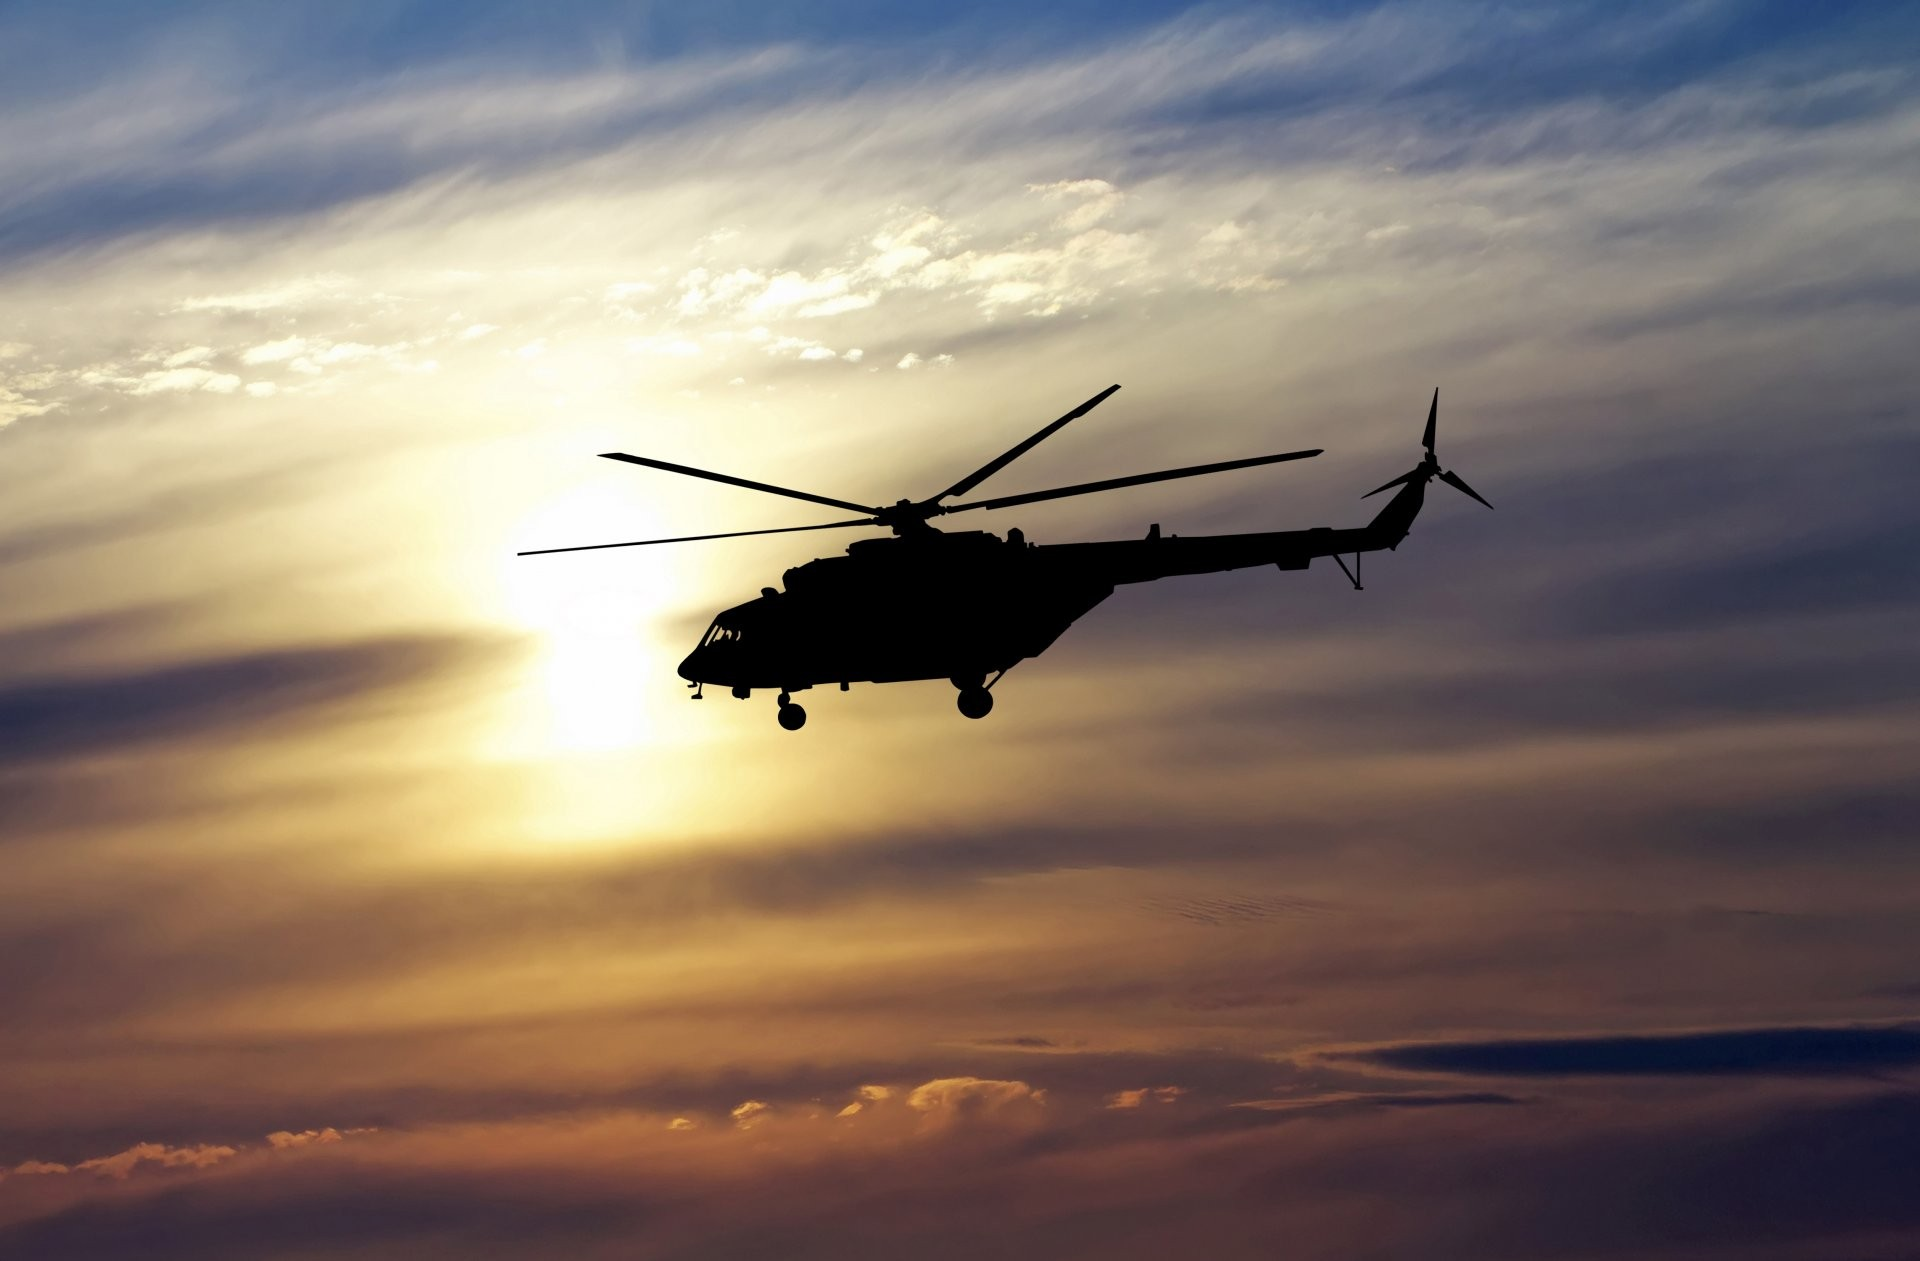 Авиационный полк вЛенобласти получил многоцелевой вертолет Ми-26